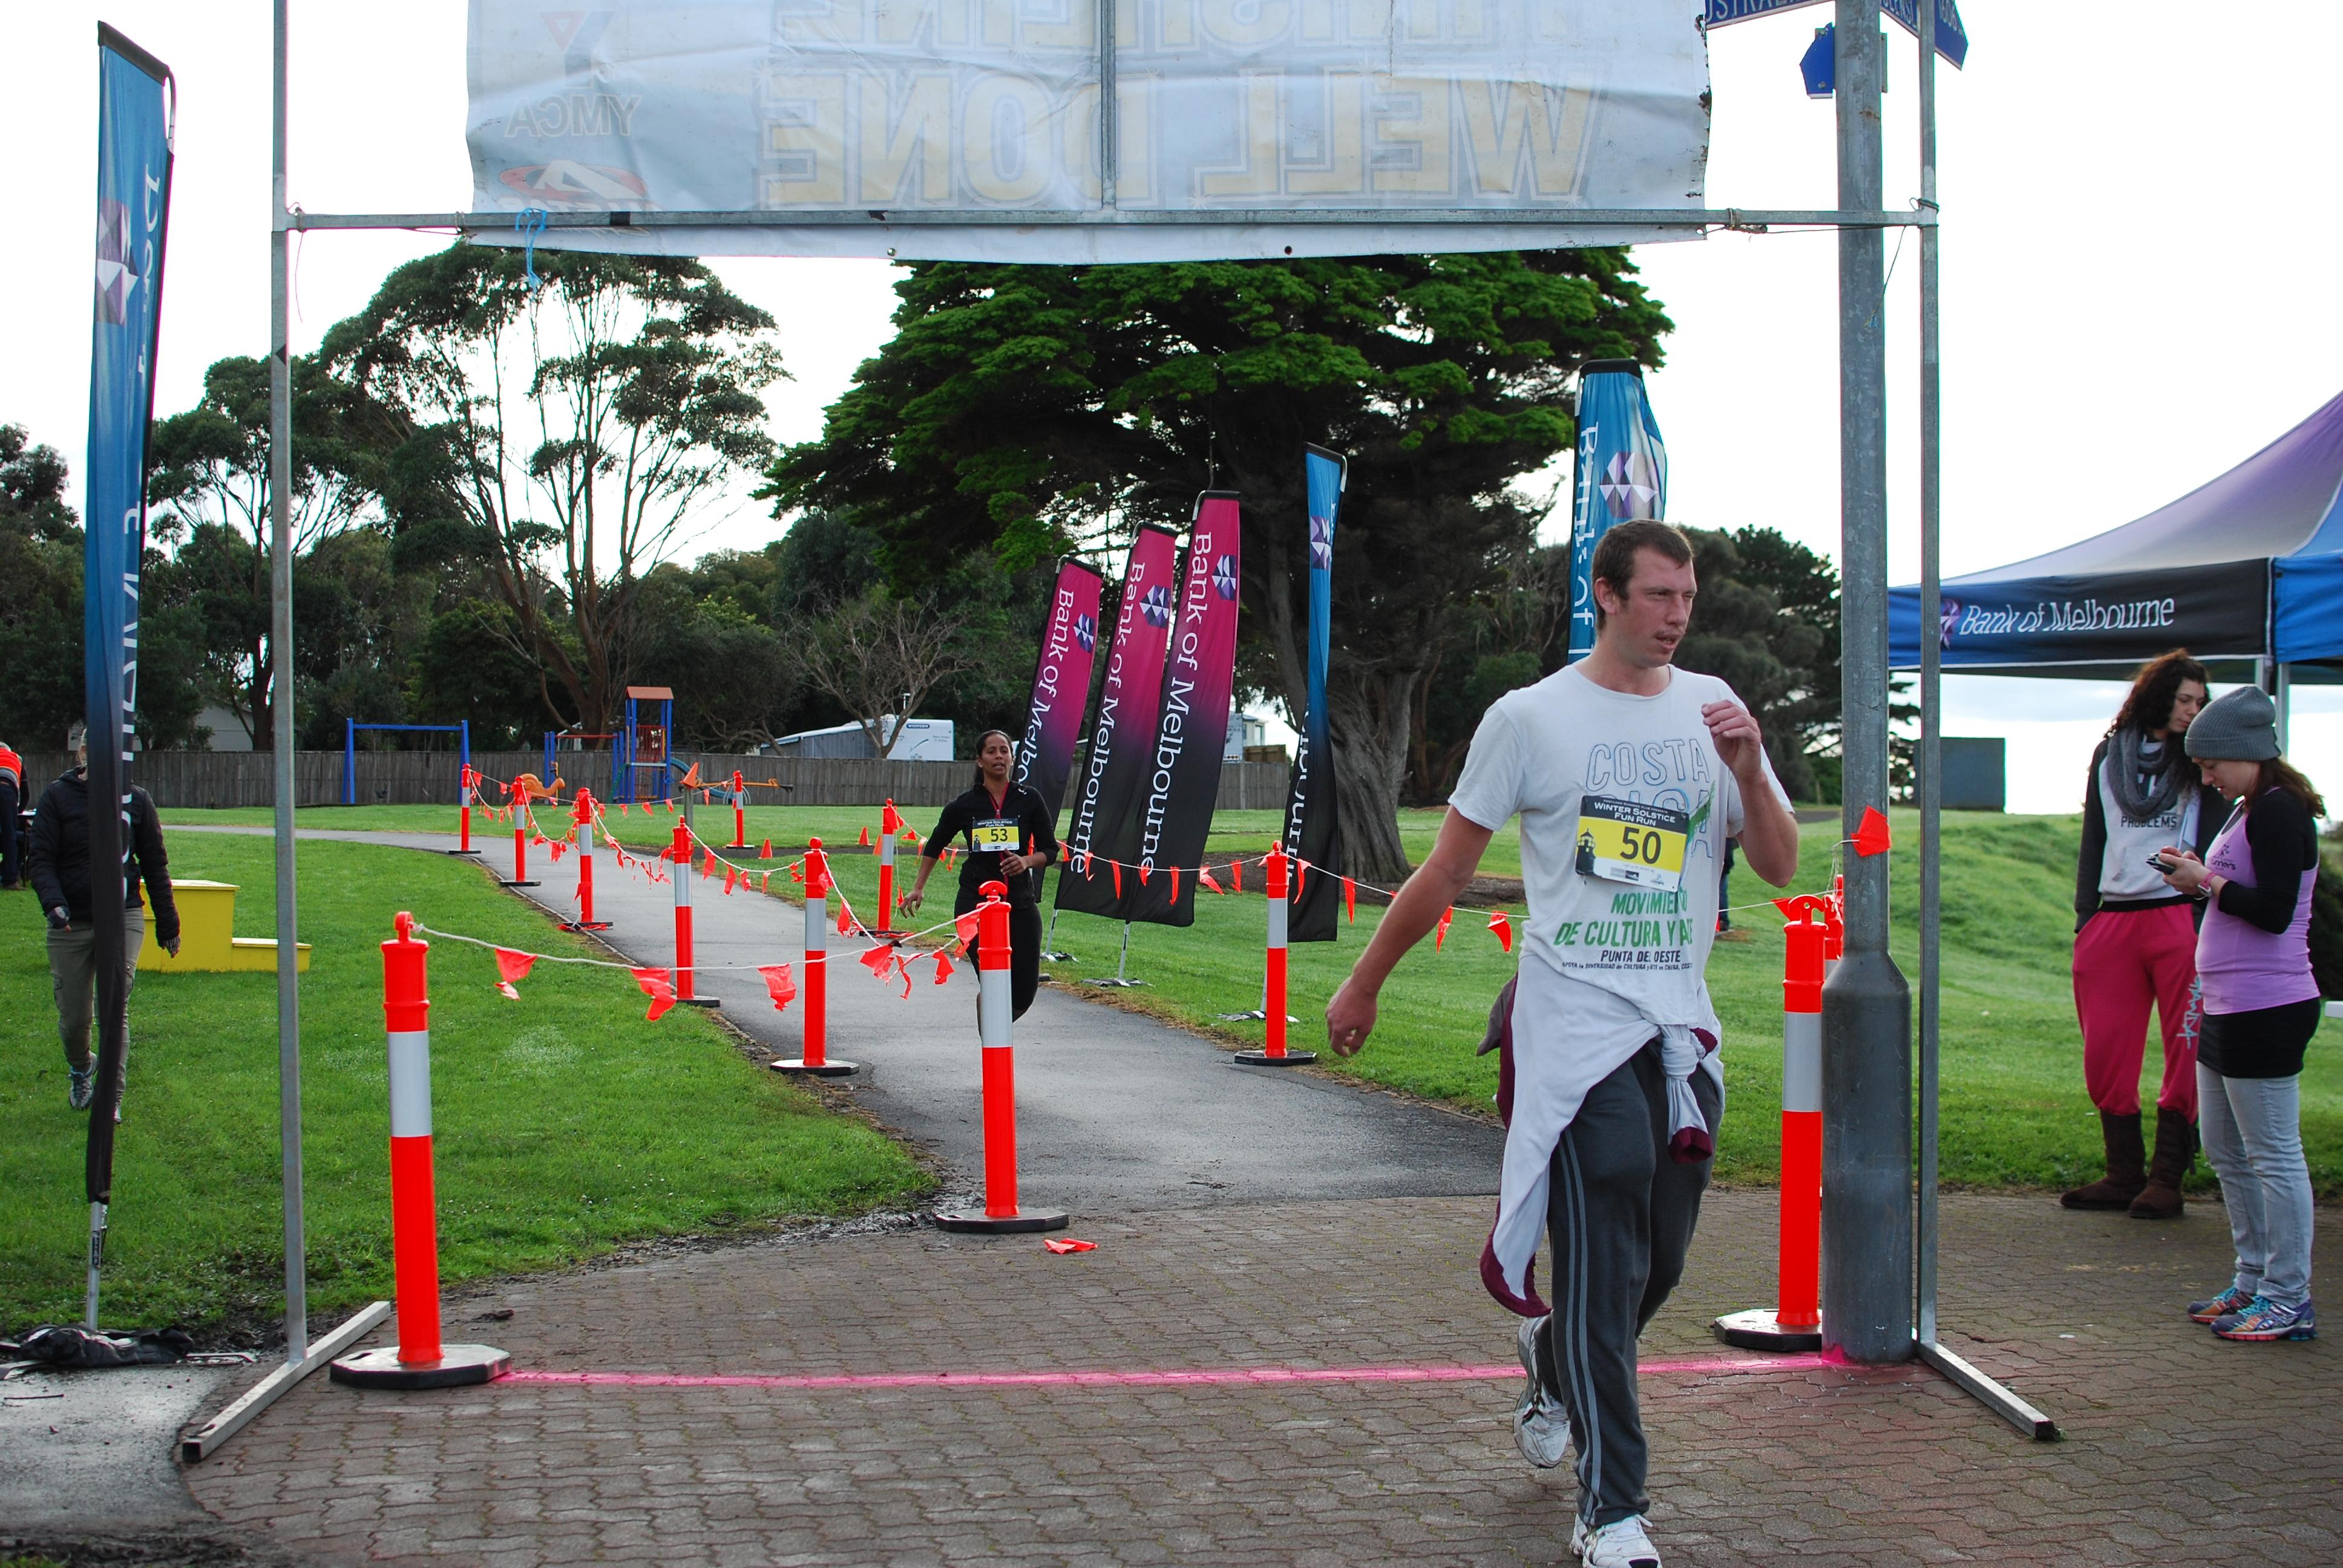 5km walk winners3.JPG